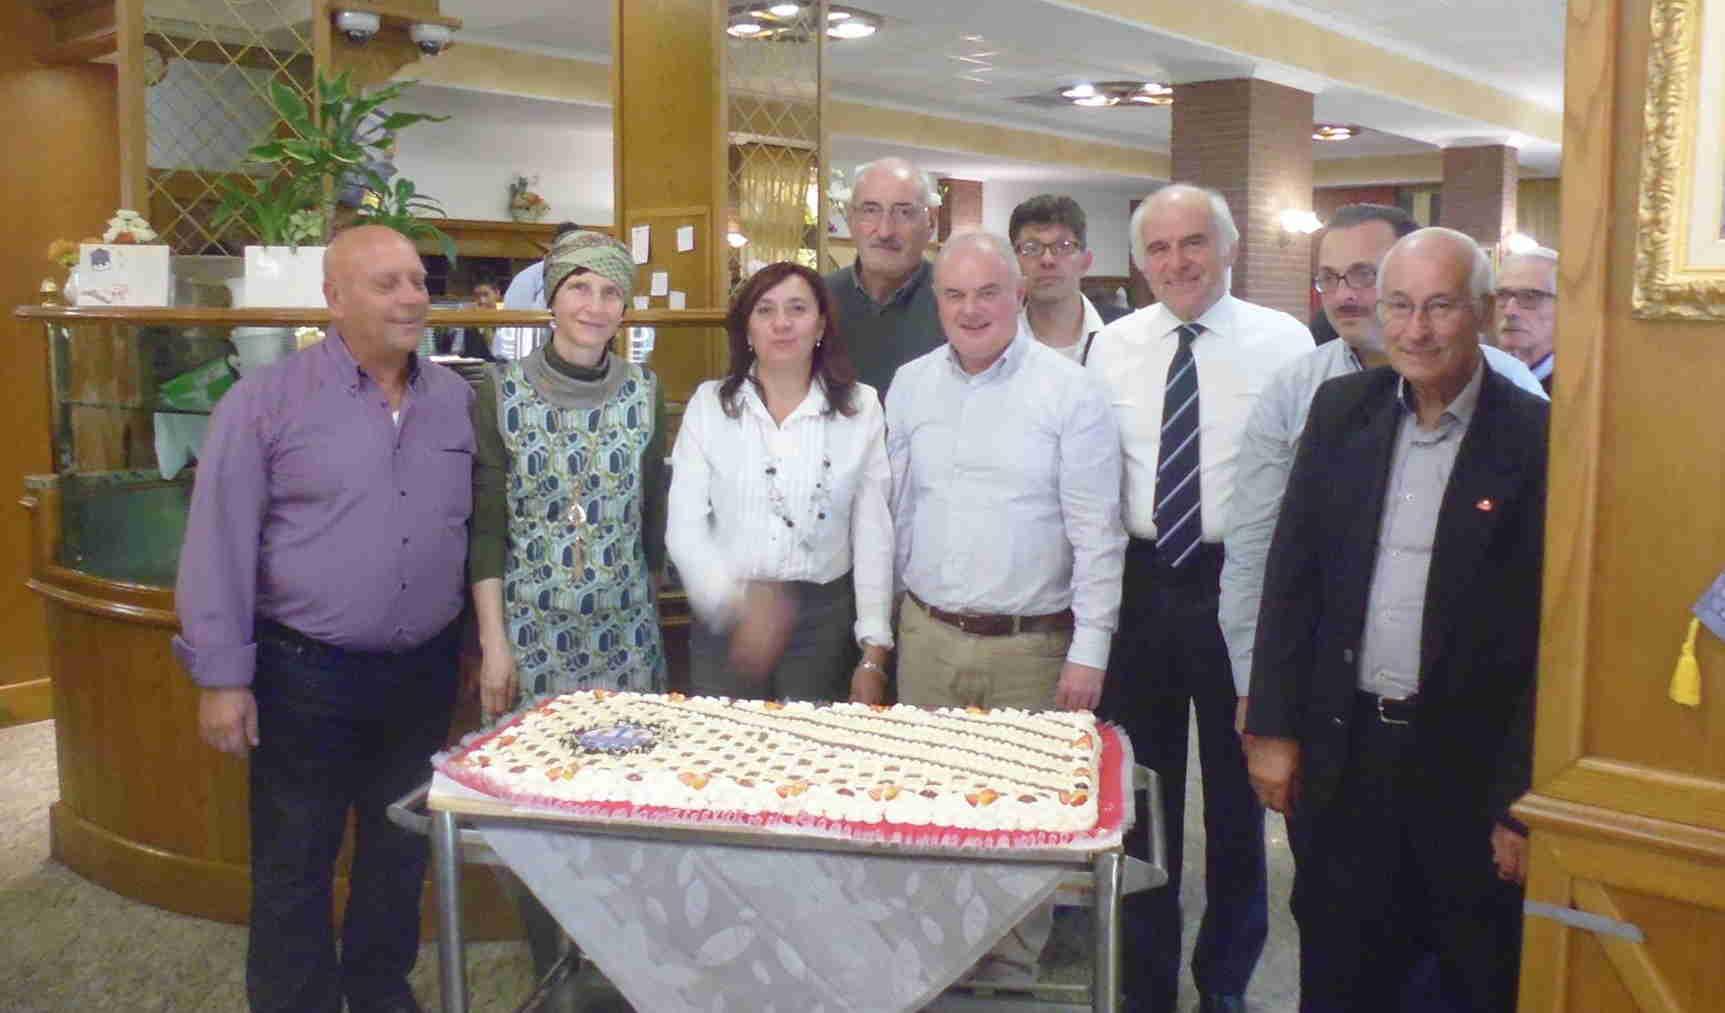 Anche a Carugate A.N.M.I.L. ha celebrato la Giornata per le vittime degli incidenti sul lavoro